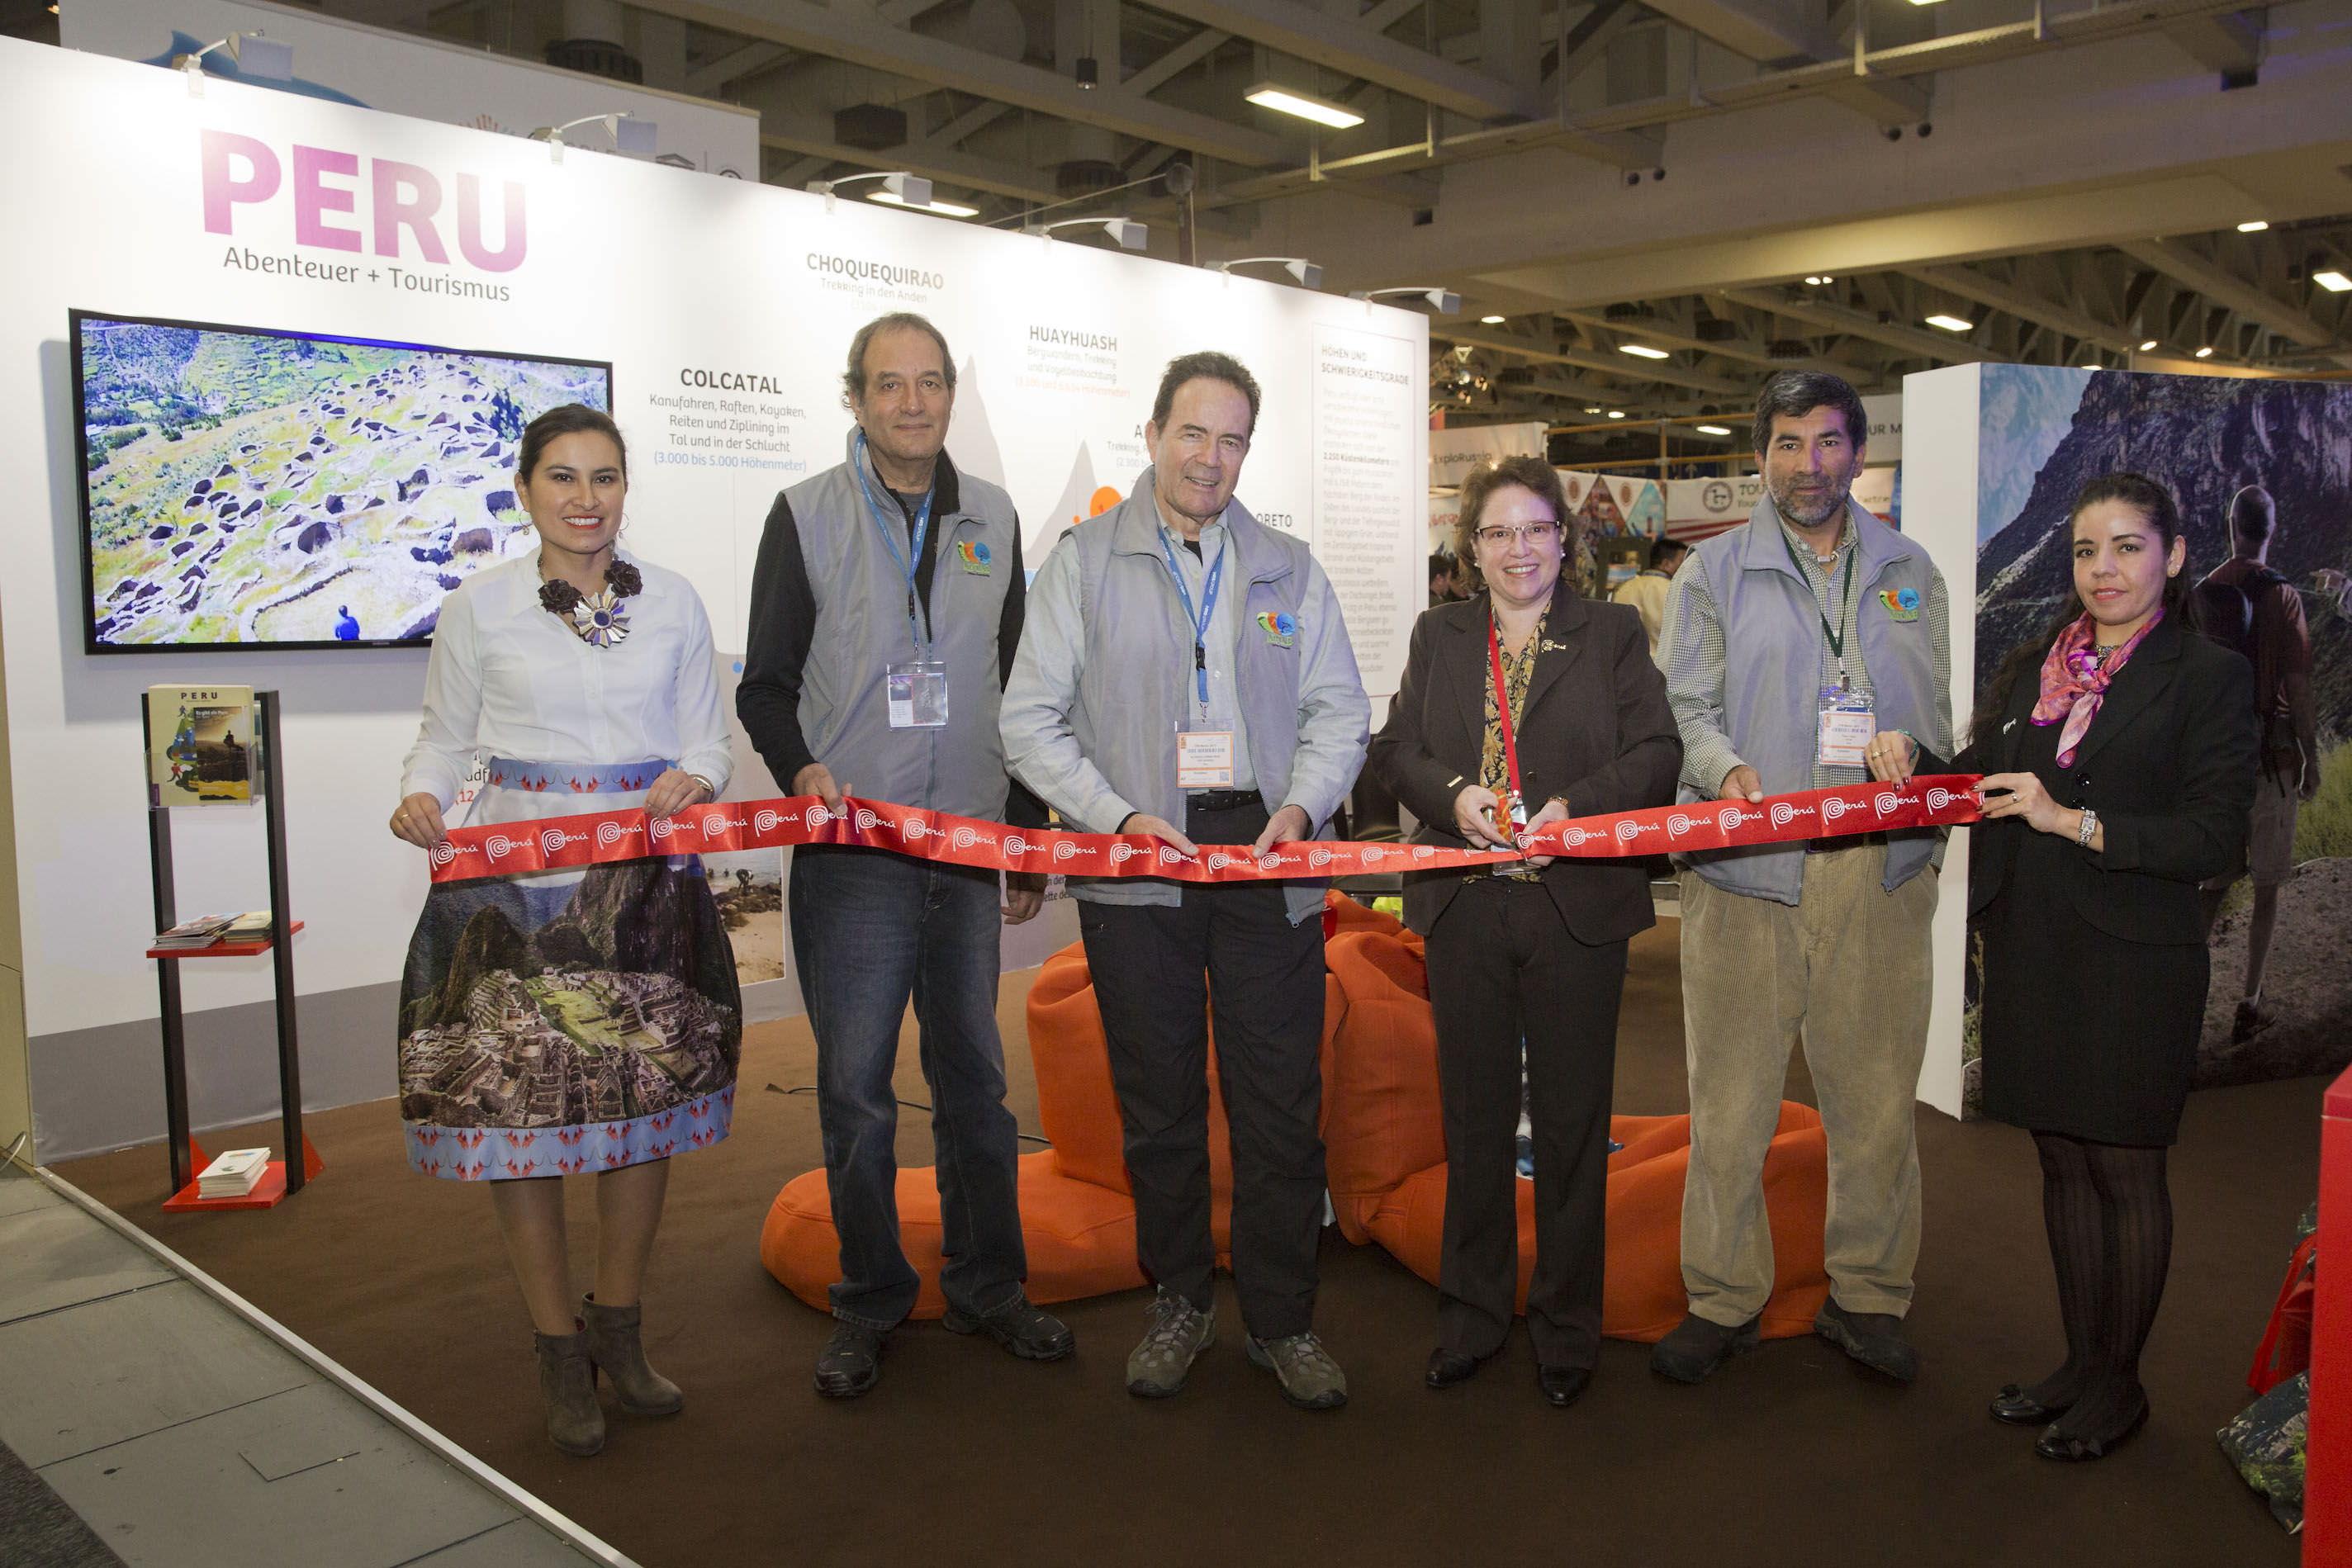 ITB4 - Peruvian presence impacted at the ITB Berlin fair